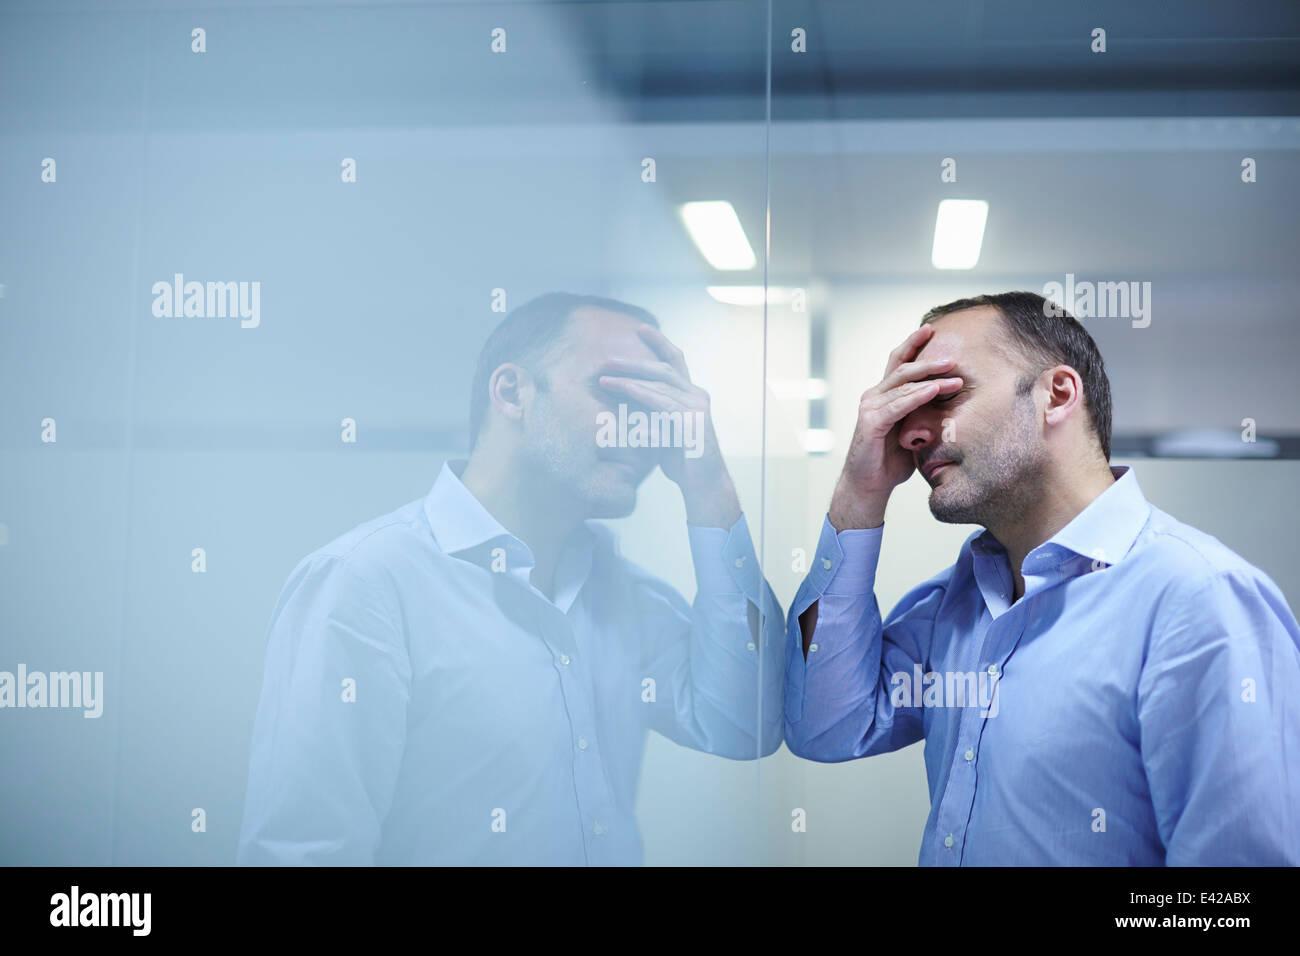 L uomo nella disperazione rivolta verso la parete riflettente Foto Stock